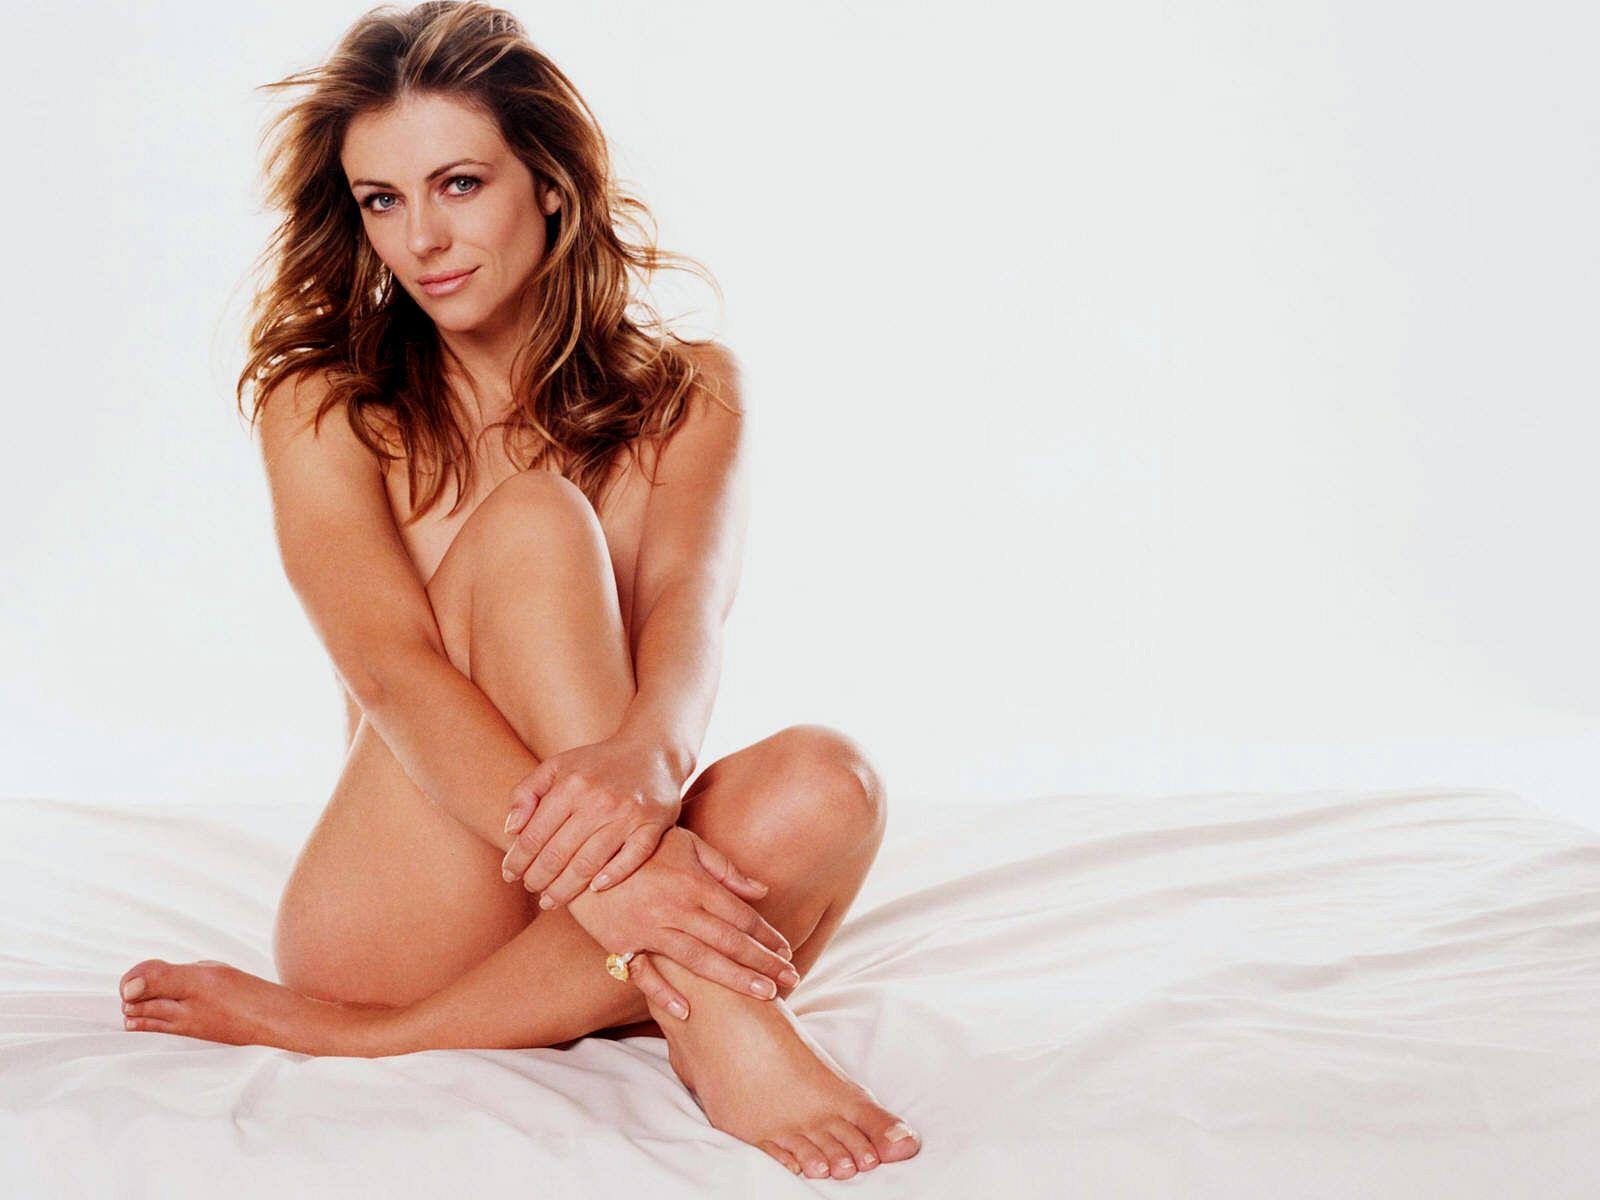 Фотки голых знаменитостей женского пола — img 5